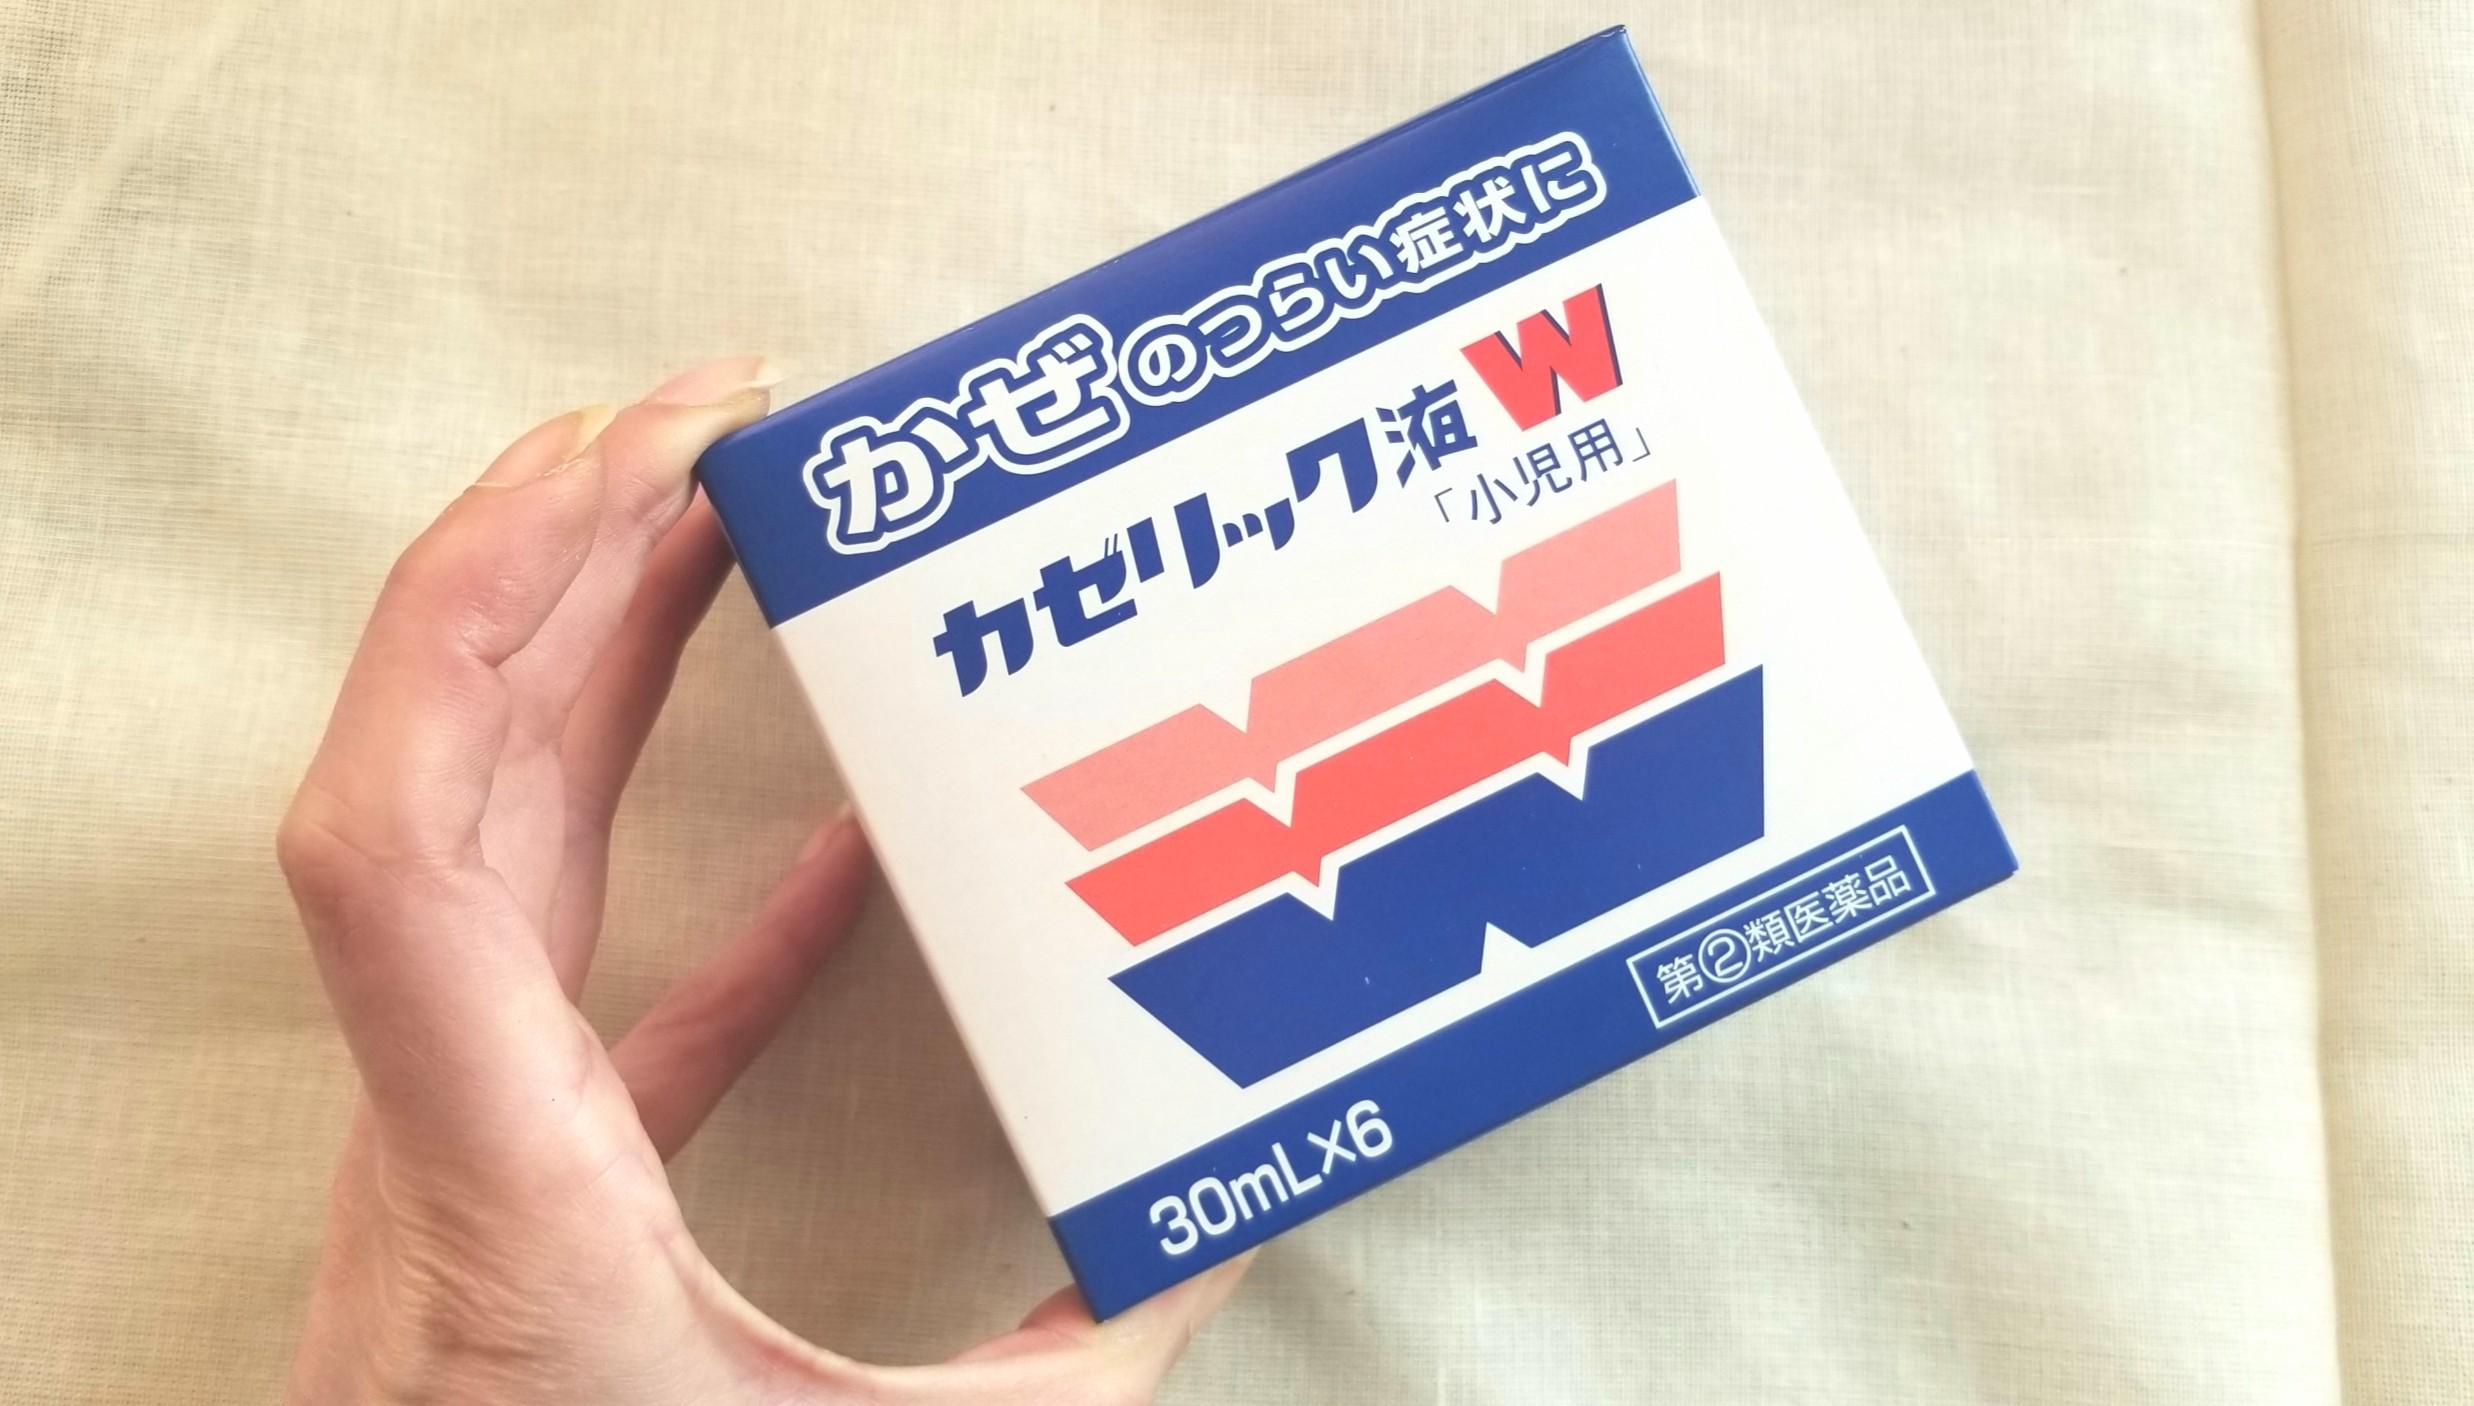 風邪に効くカゼリックW,つらいかぜ,のどの痛み,鼻水,熱に,小児用